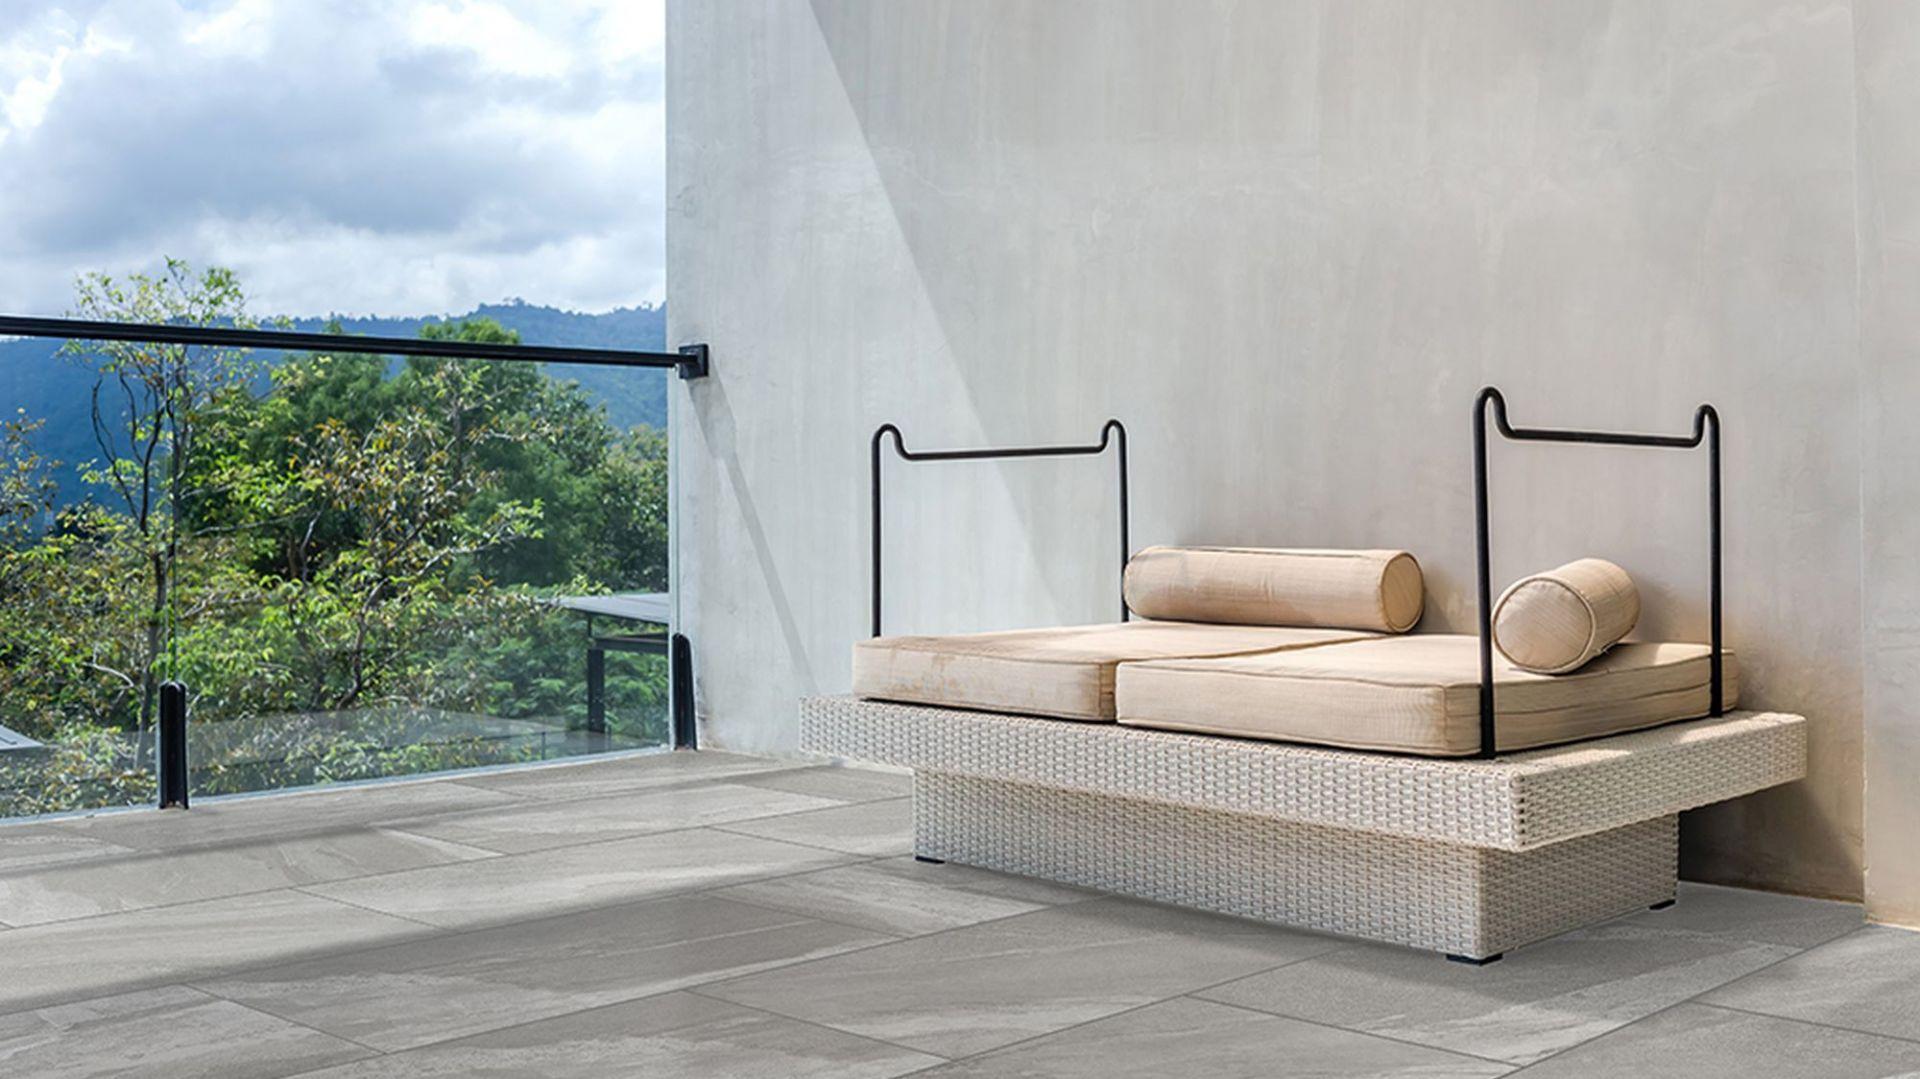 Pomysł na taras - wybieramy modne płytki. Kolekcja: Materia Grey Solid. Fot. Apavisa